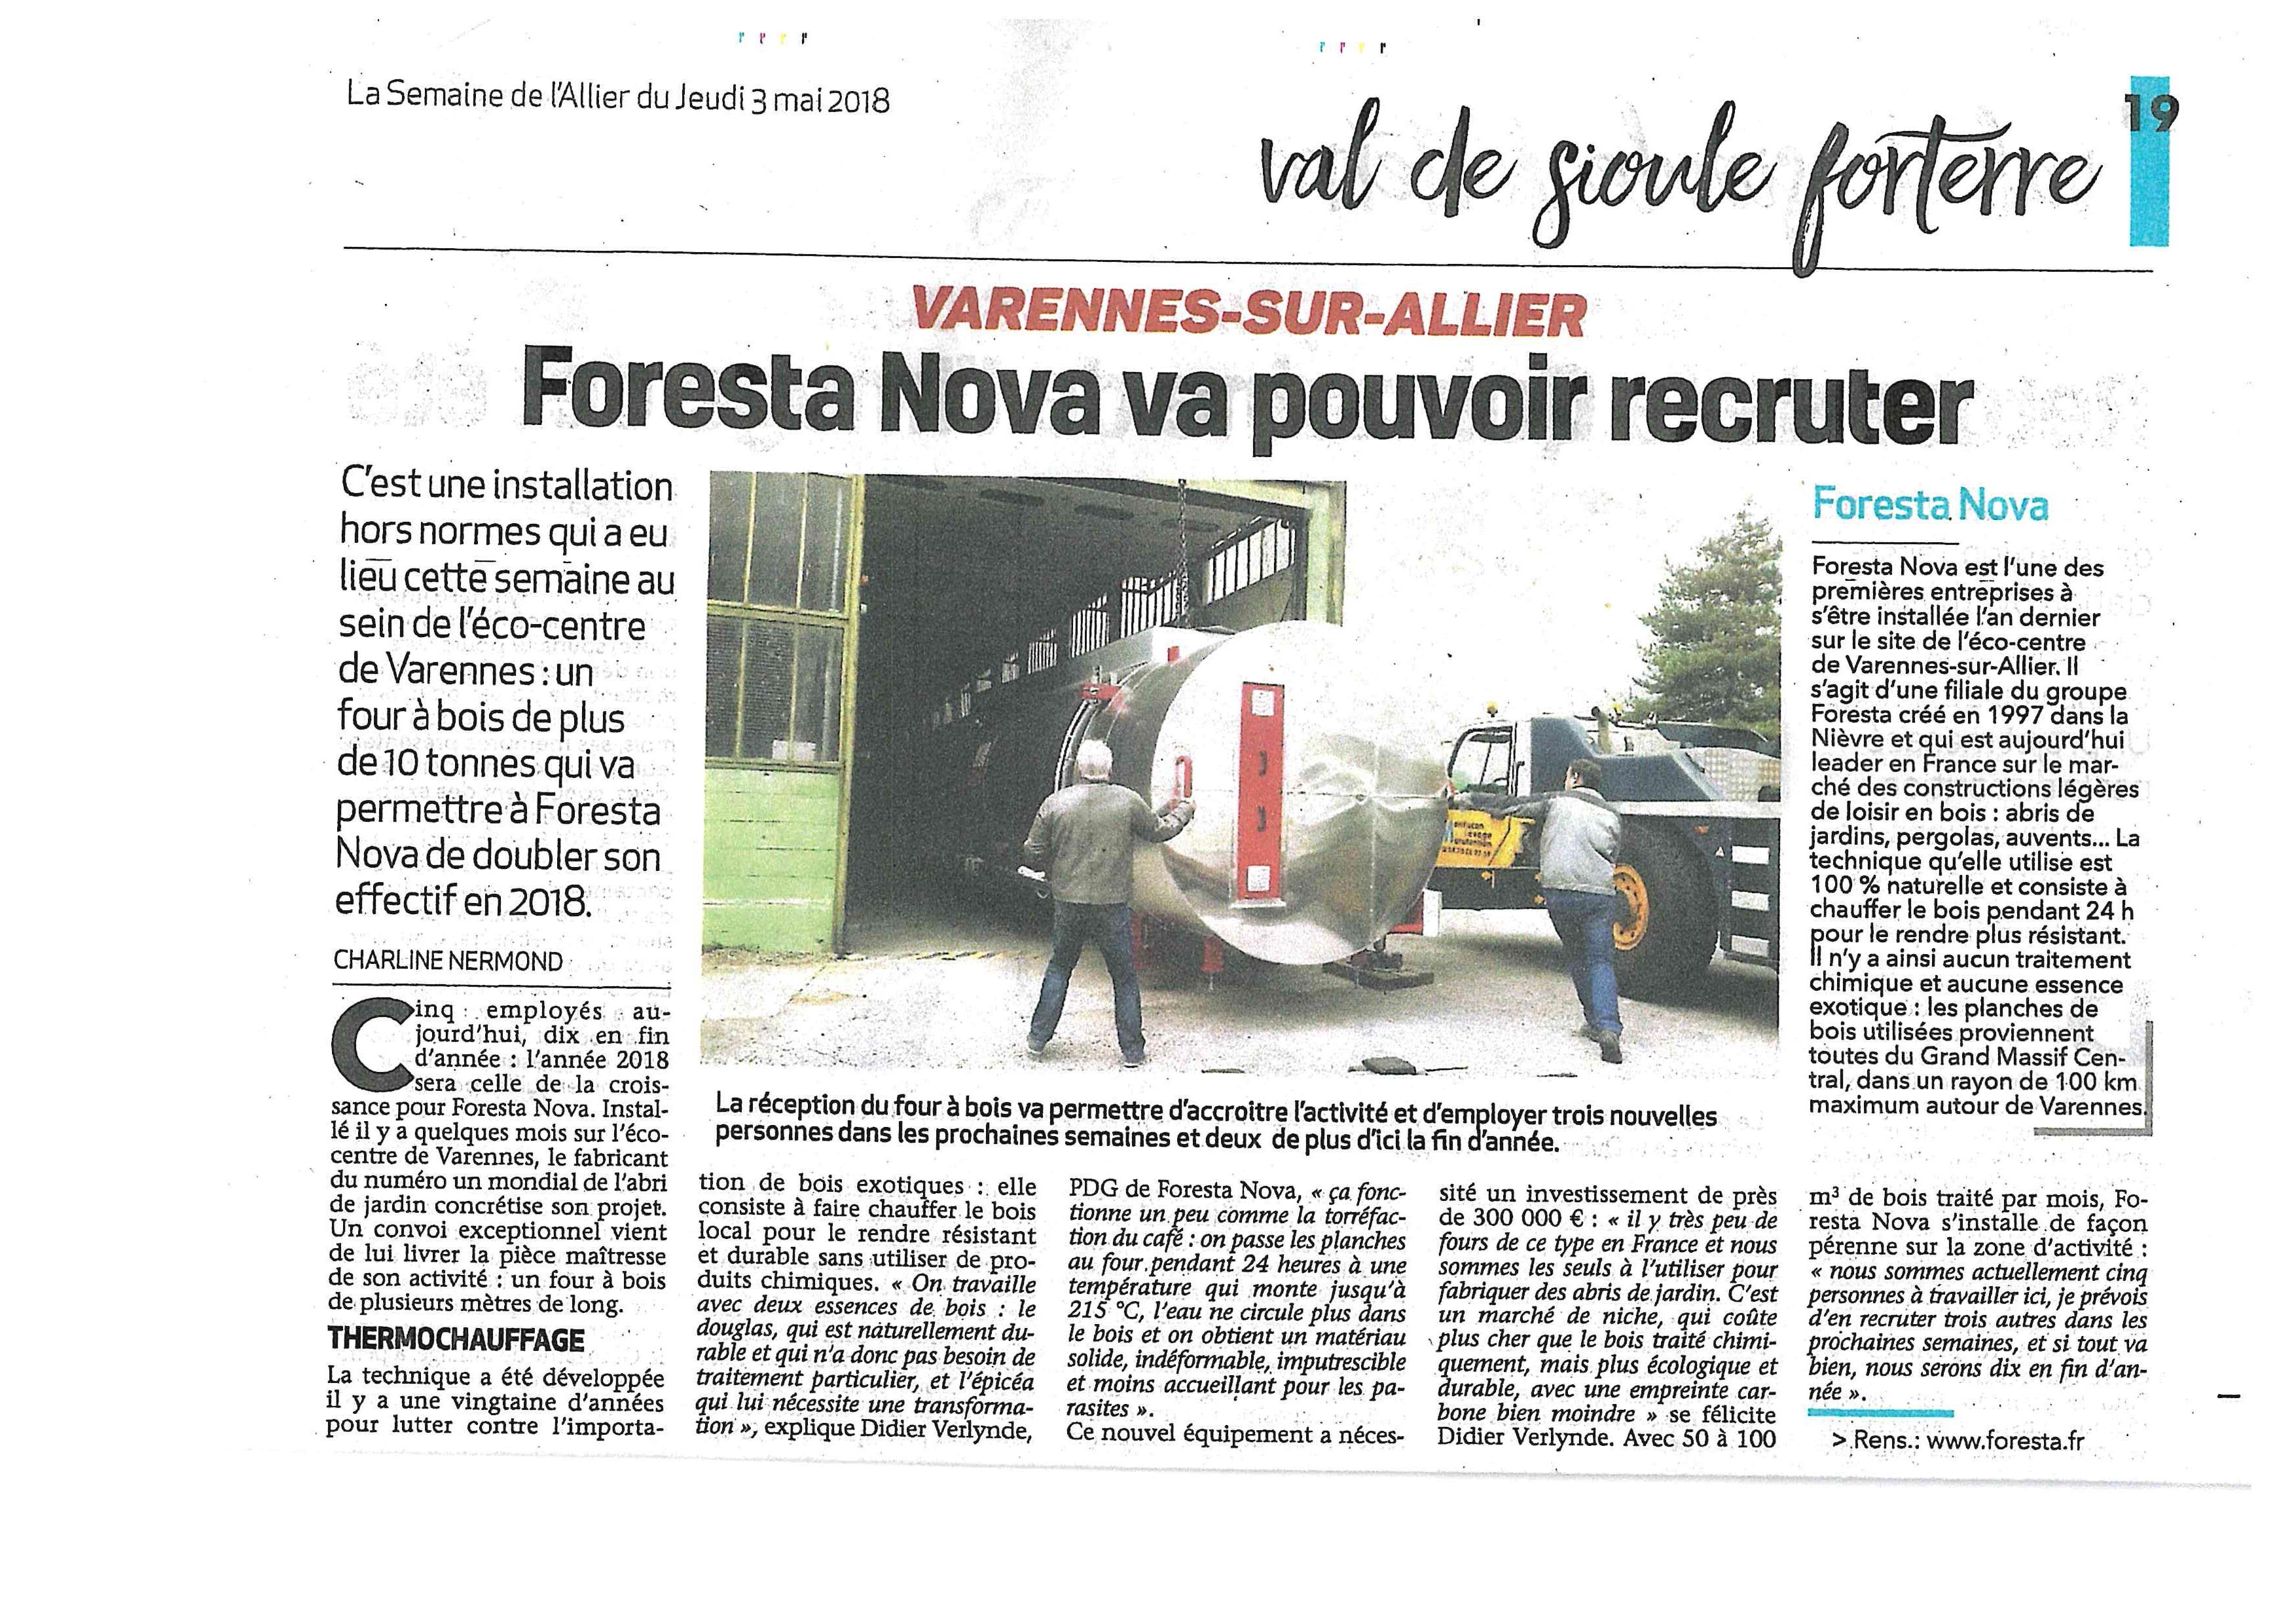 FORESTA NOVA : réception du four à bois